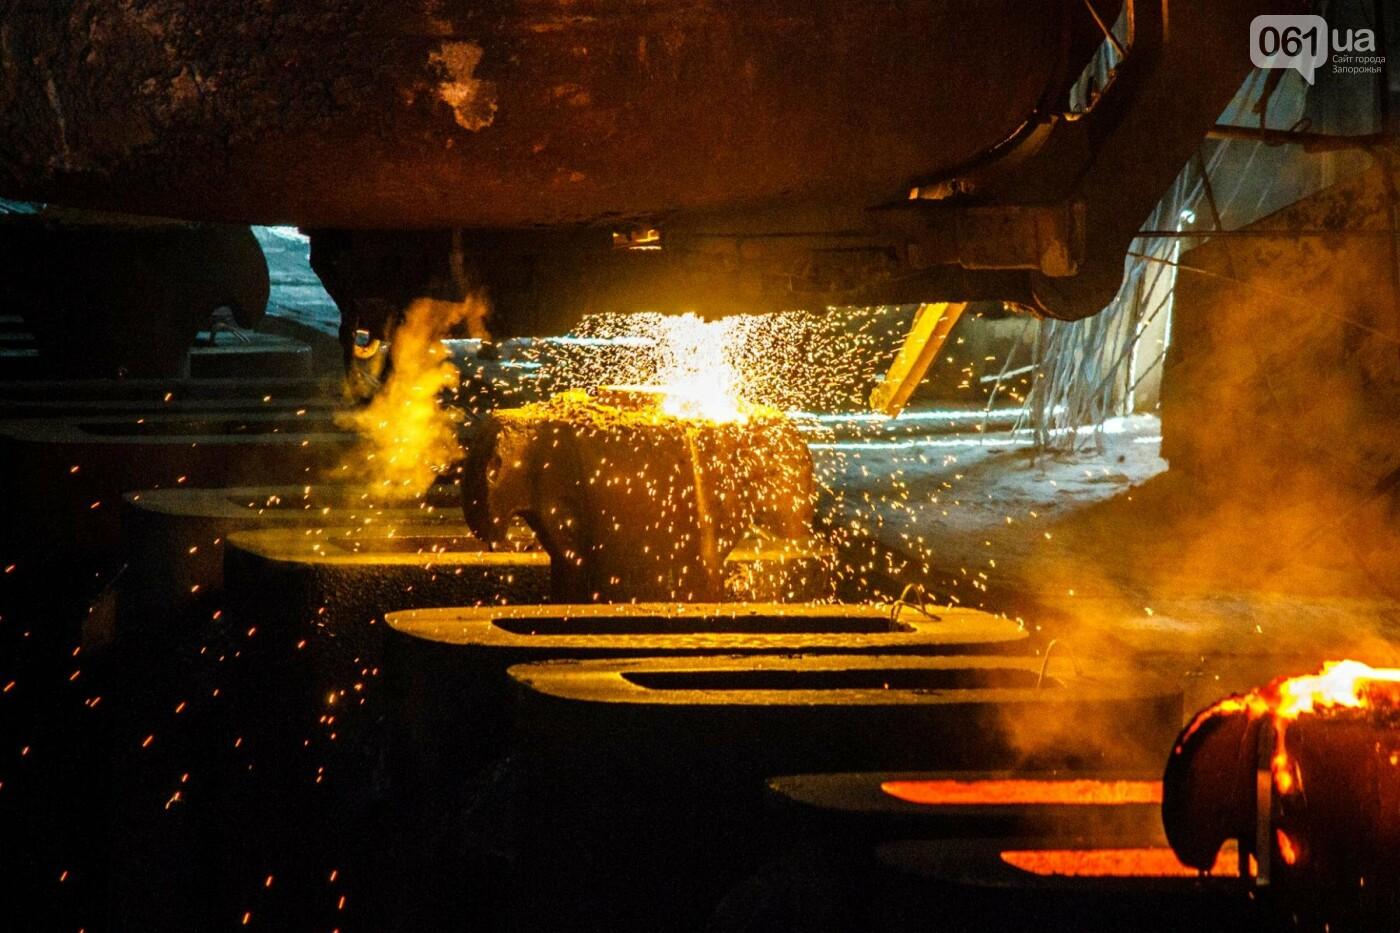 Как на «Запорожстали» железную руду превращают в сталь: экскурсия на производство, — ФОТОРЕПОРТАЖ, фото-22